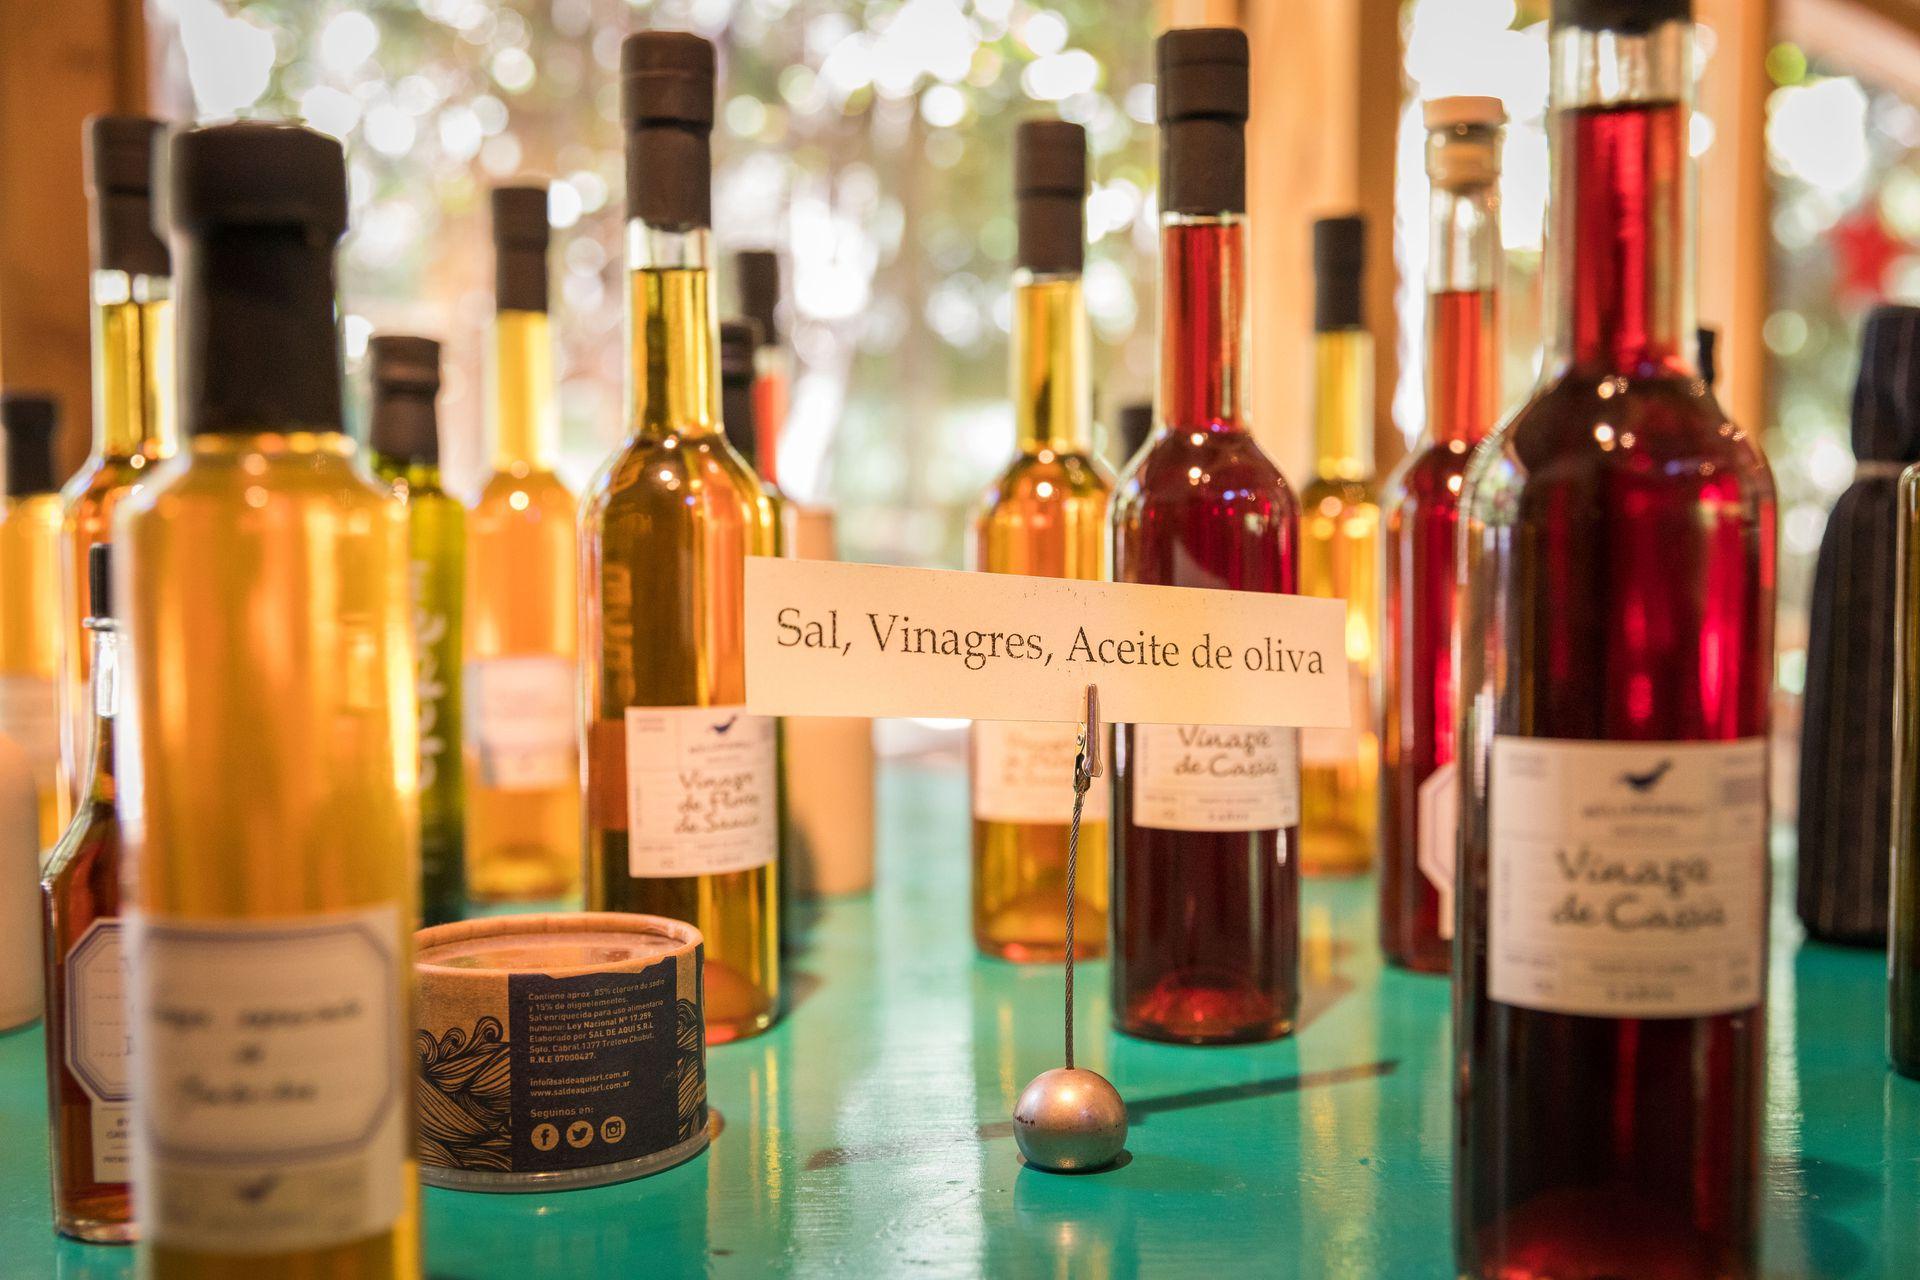 Los dressings y vinagres de cassis y flores de sauco, entre otros, son elaborados de forma orgánica.